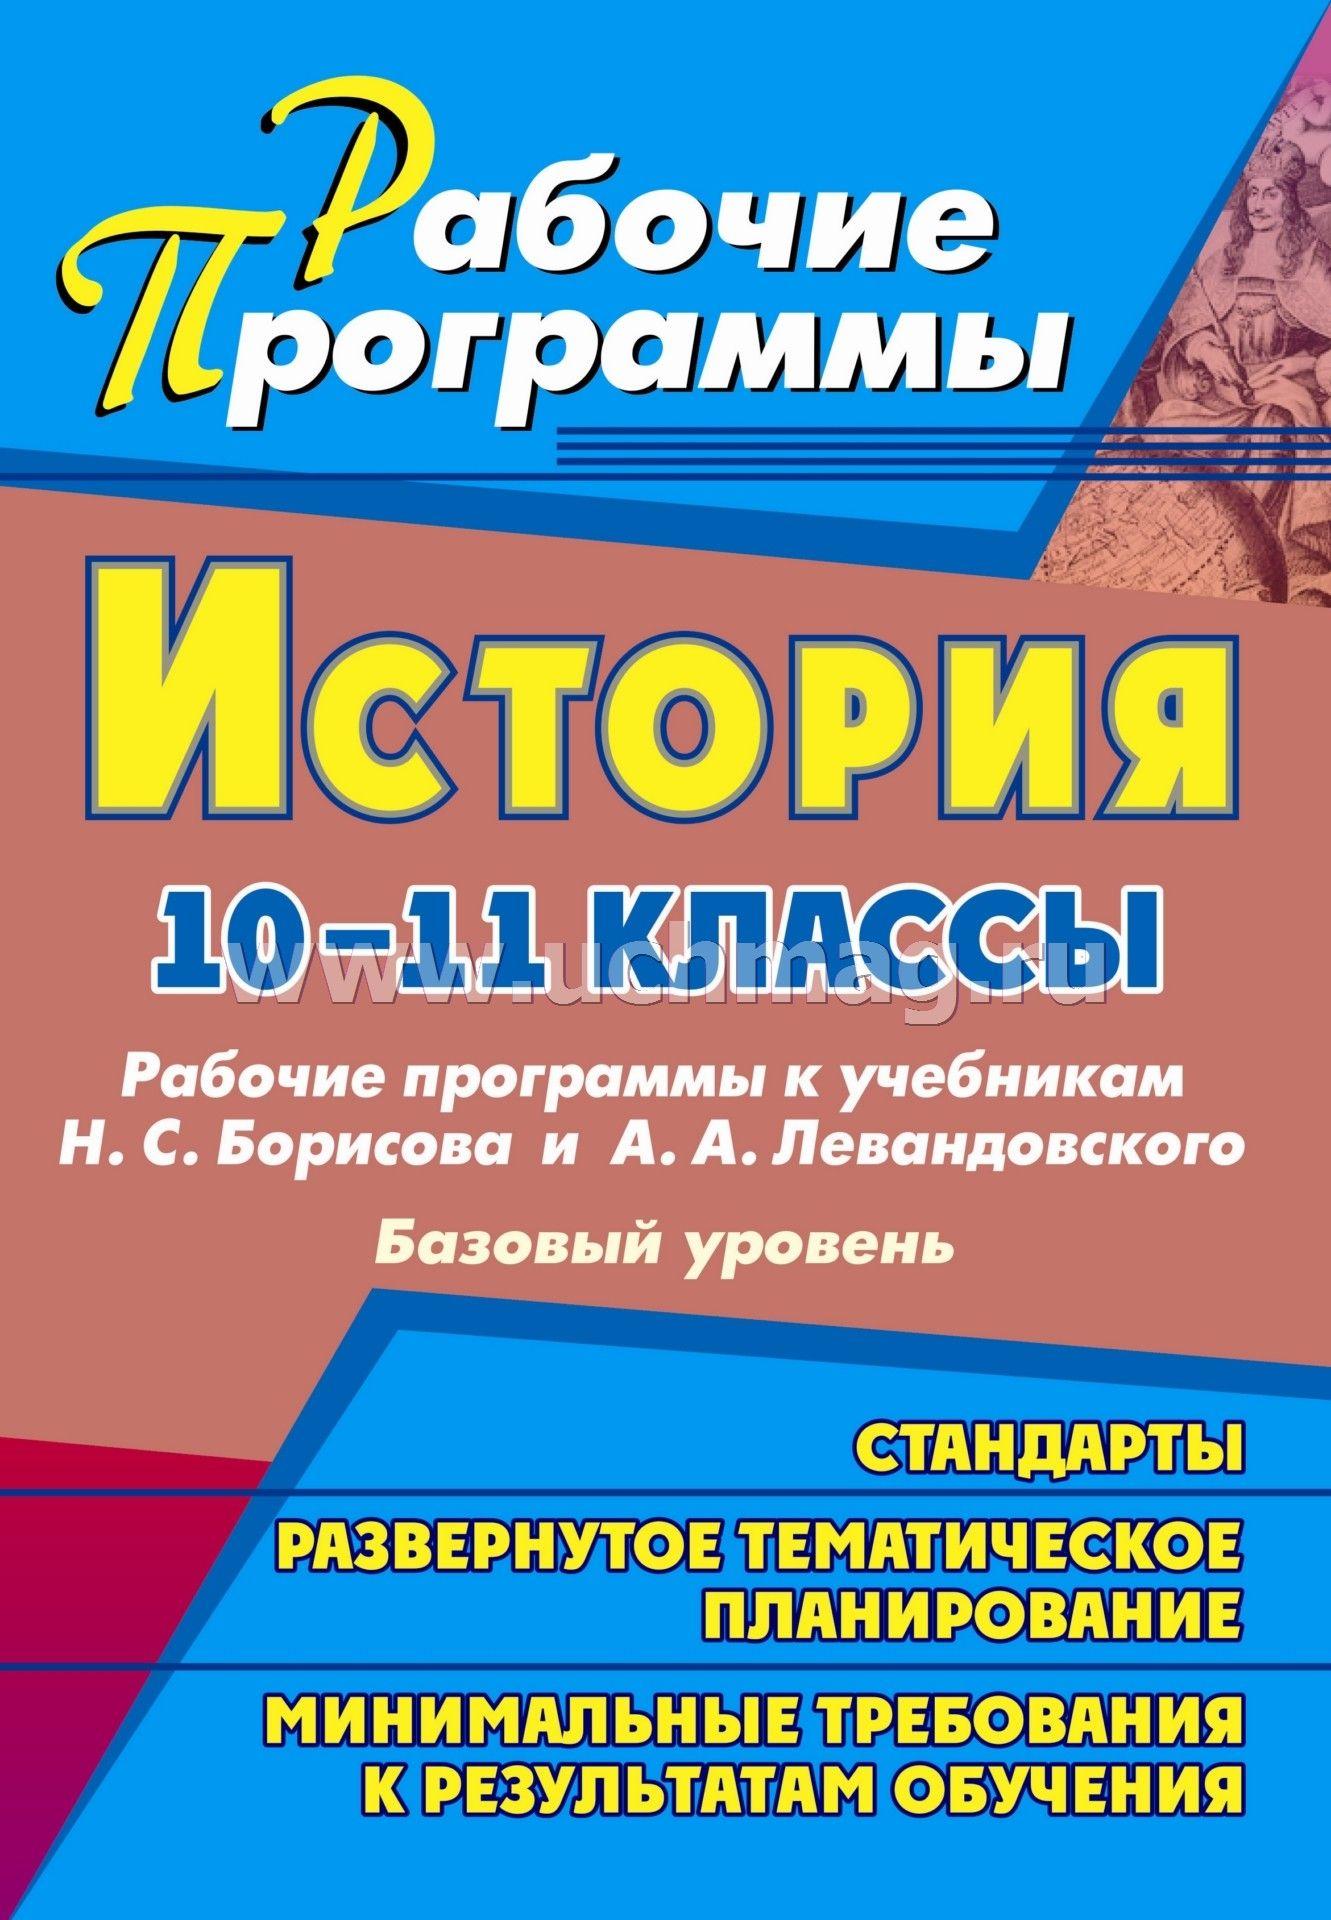 Тематическое планирован для11класса история россии по учебнику а.а.левандовского